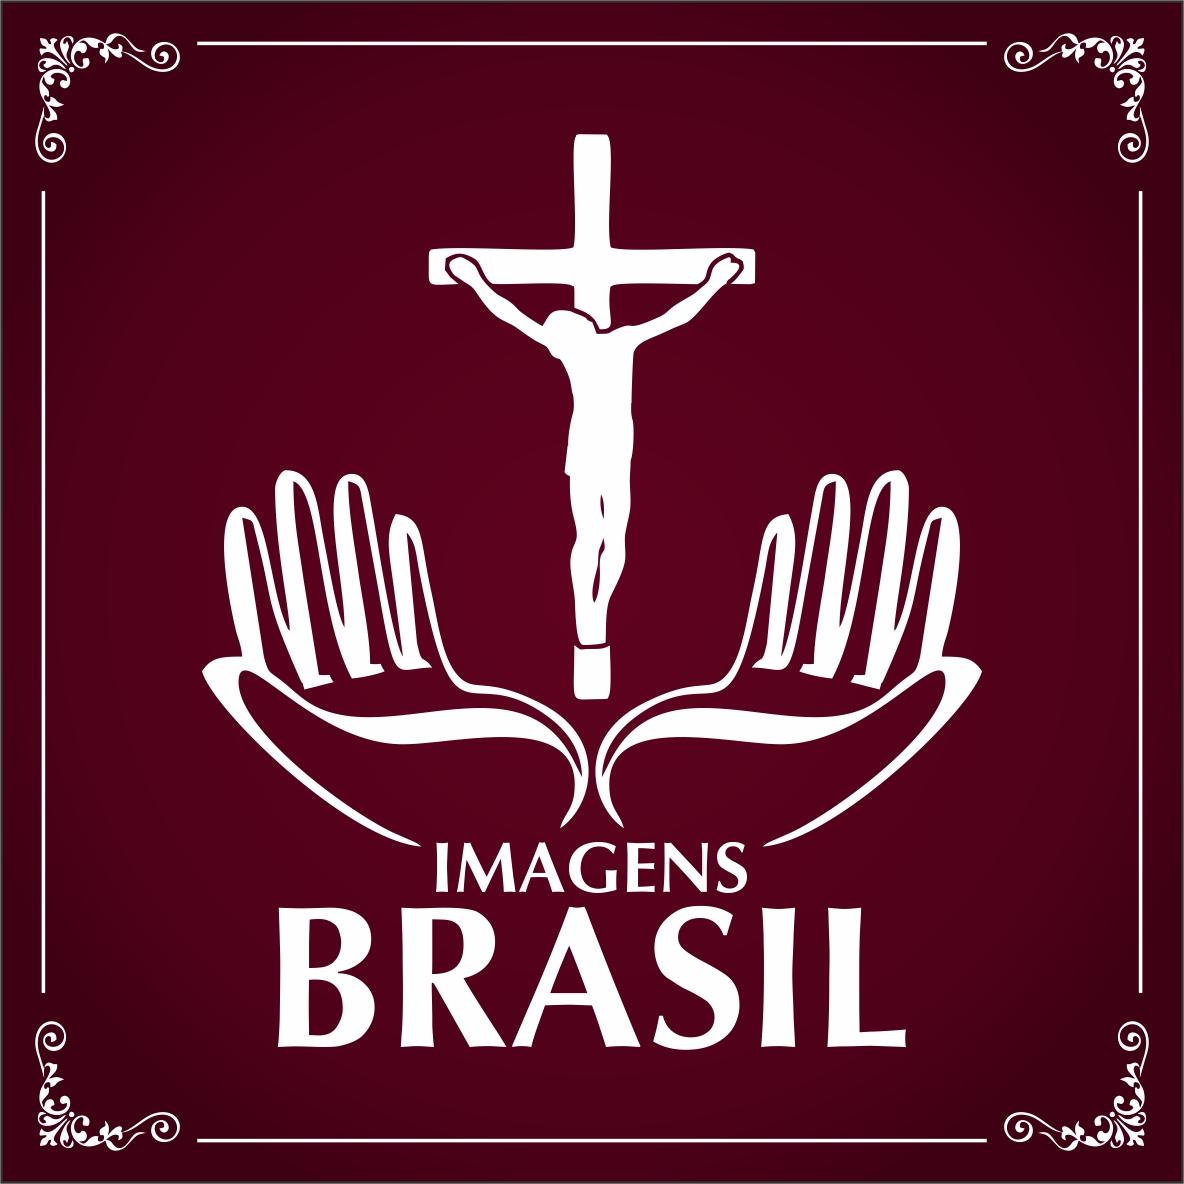 Imagens Brasil Ltda